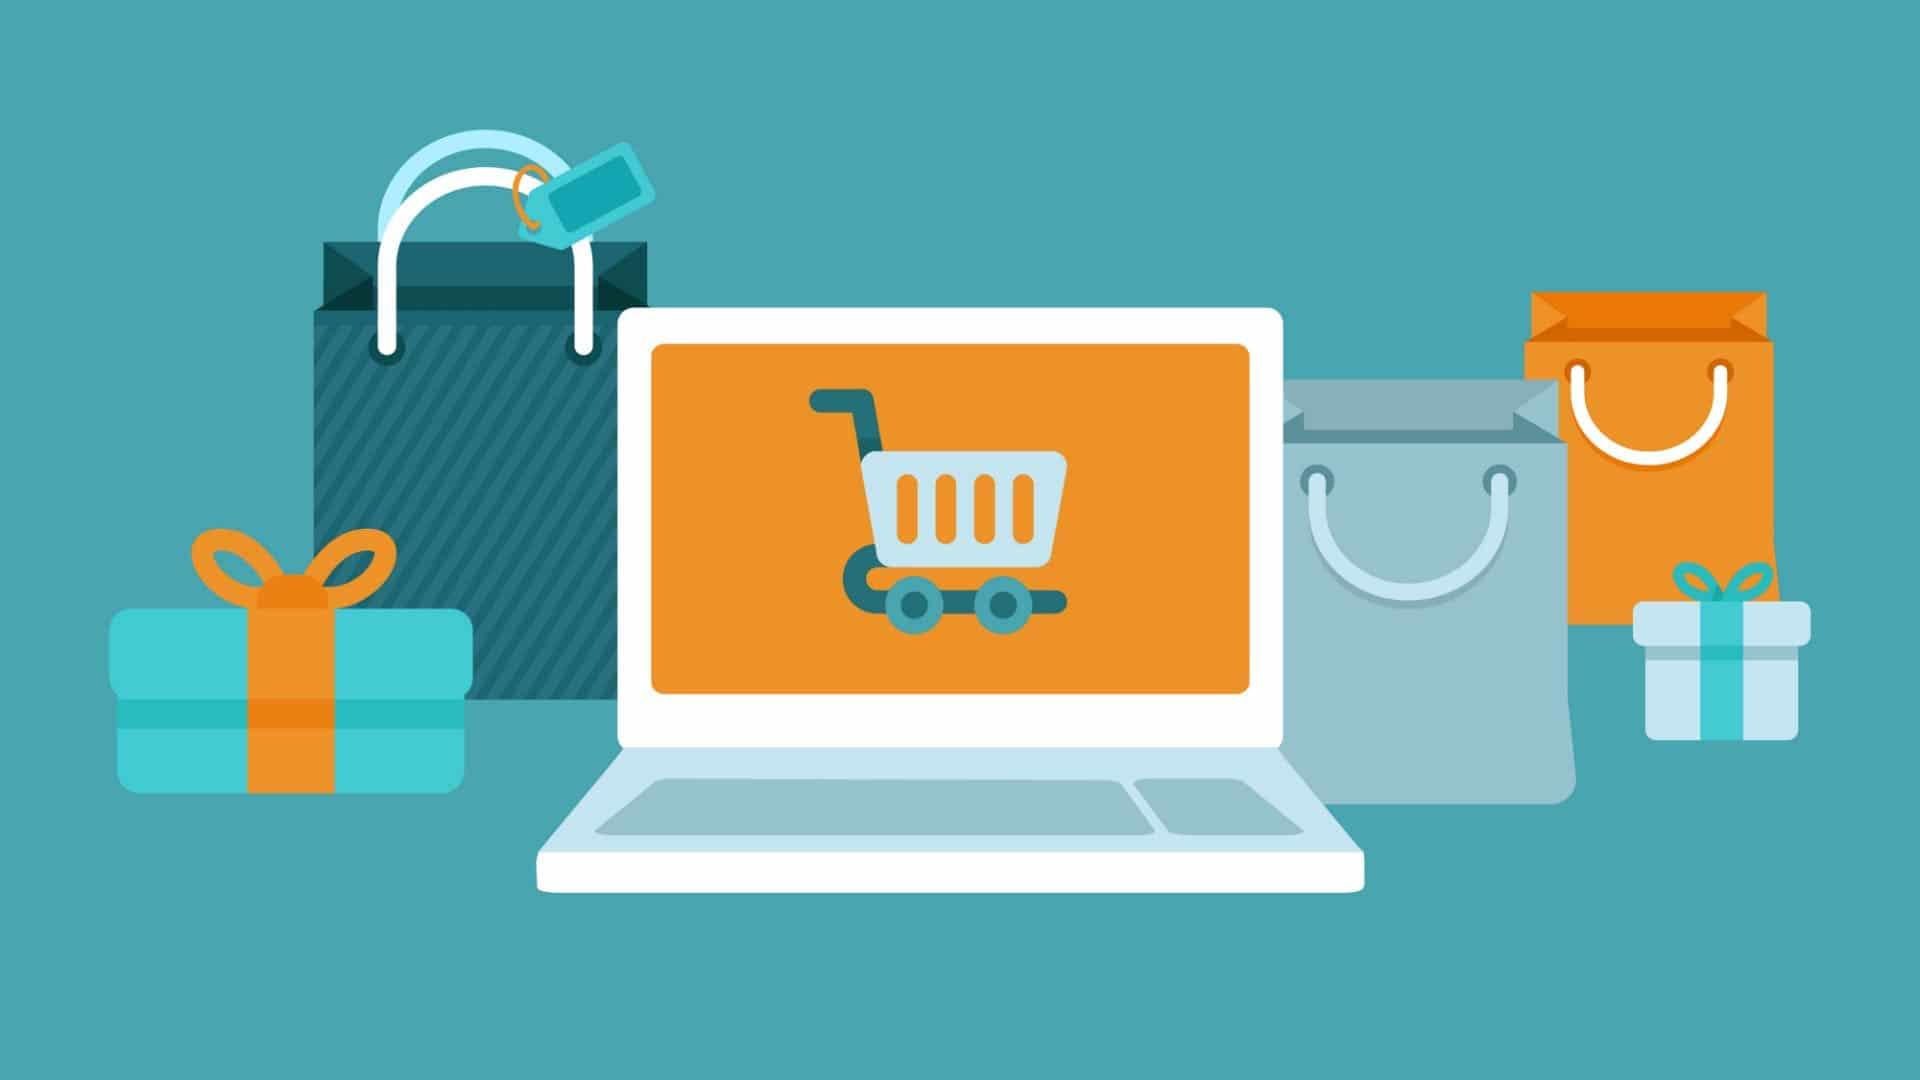 Le Compontenti Tecniche dell'Ecommerce - SEO E-commerce - SEO Tecnico